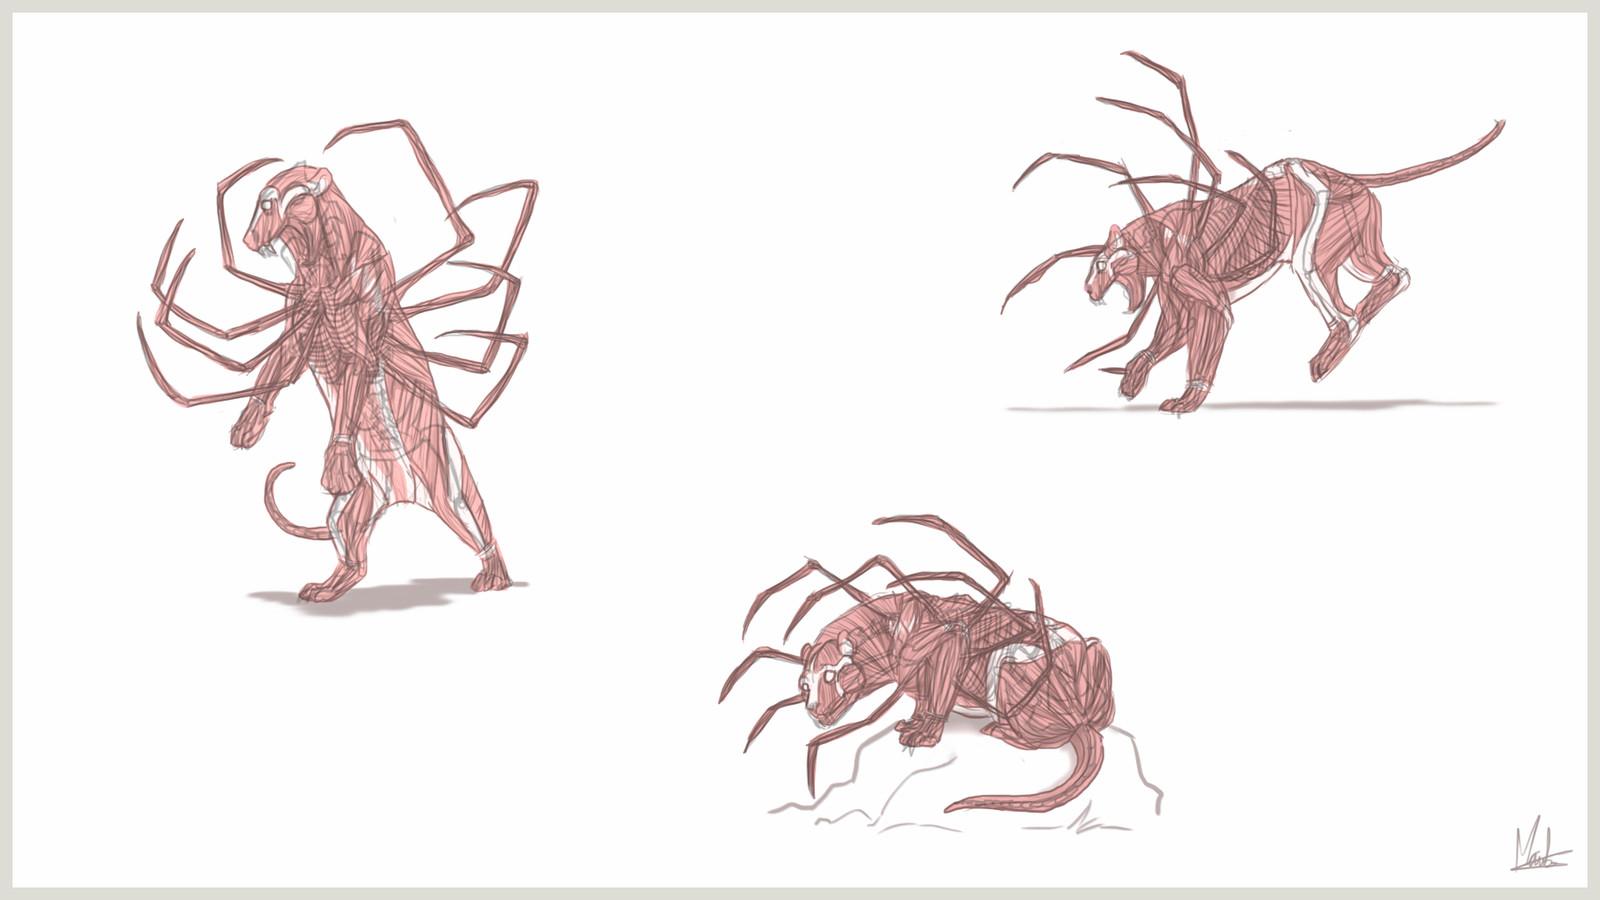 Sheet 2 - muscles